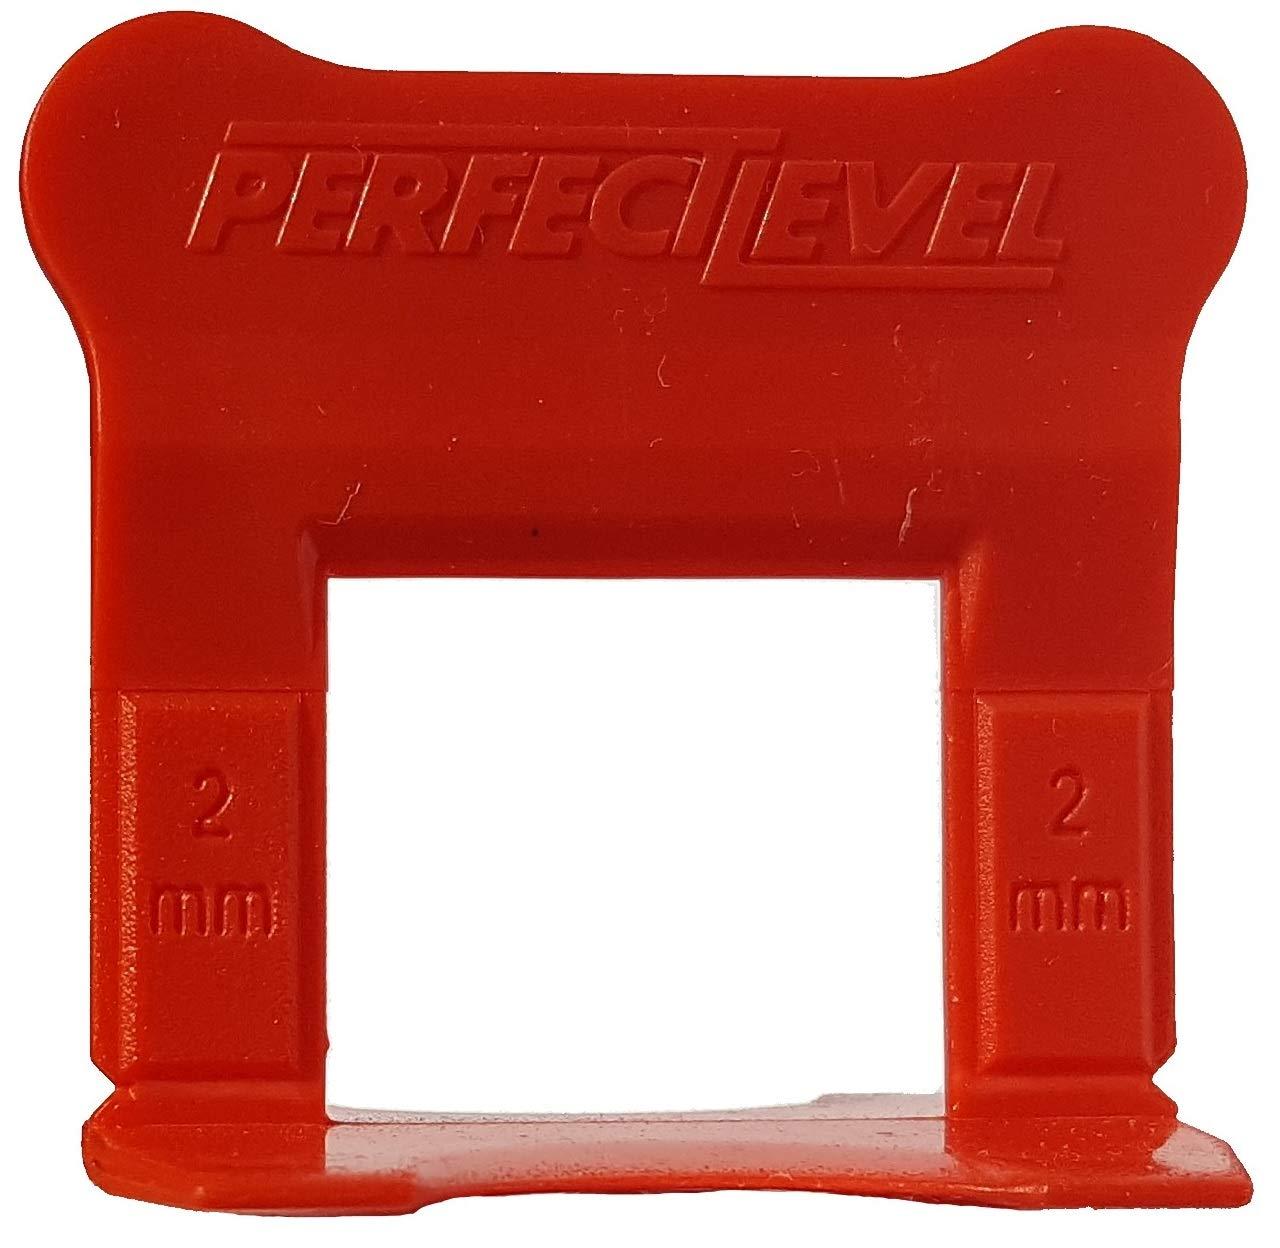 + 1 pinza PerfectLevel PLP 2 mm distanziatore autolivellante professionale 7710 Perfect Level Pro + 200 angoli Kit di livellamento per piastrelle basi tasselli 500 clip